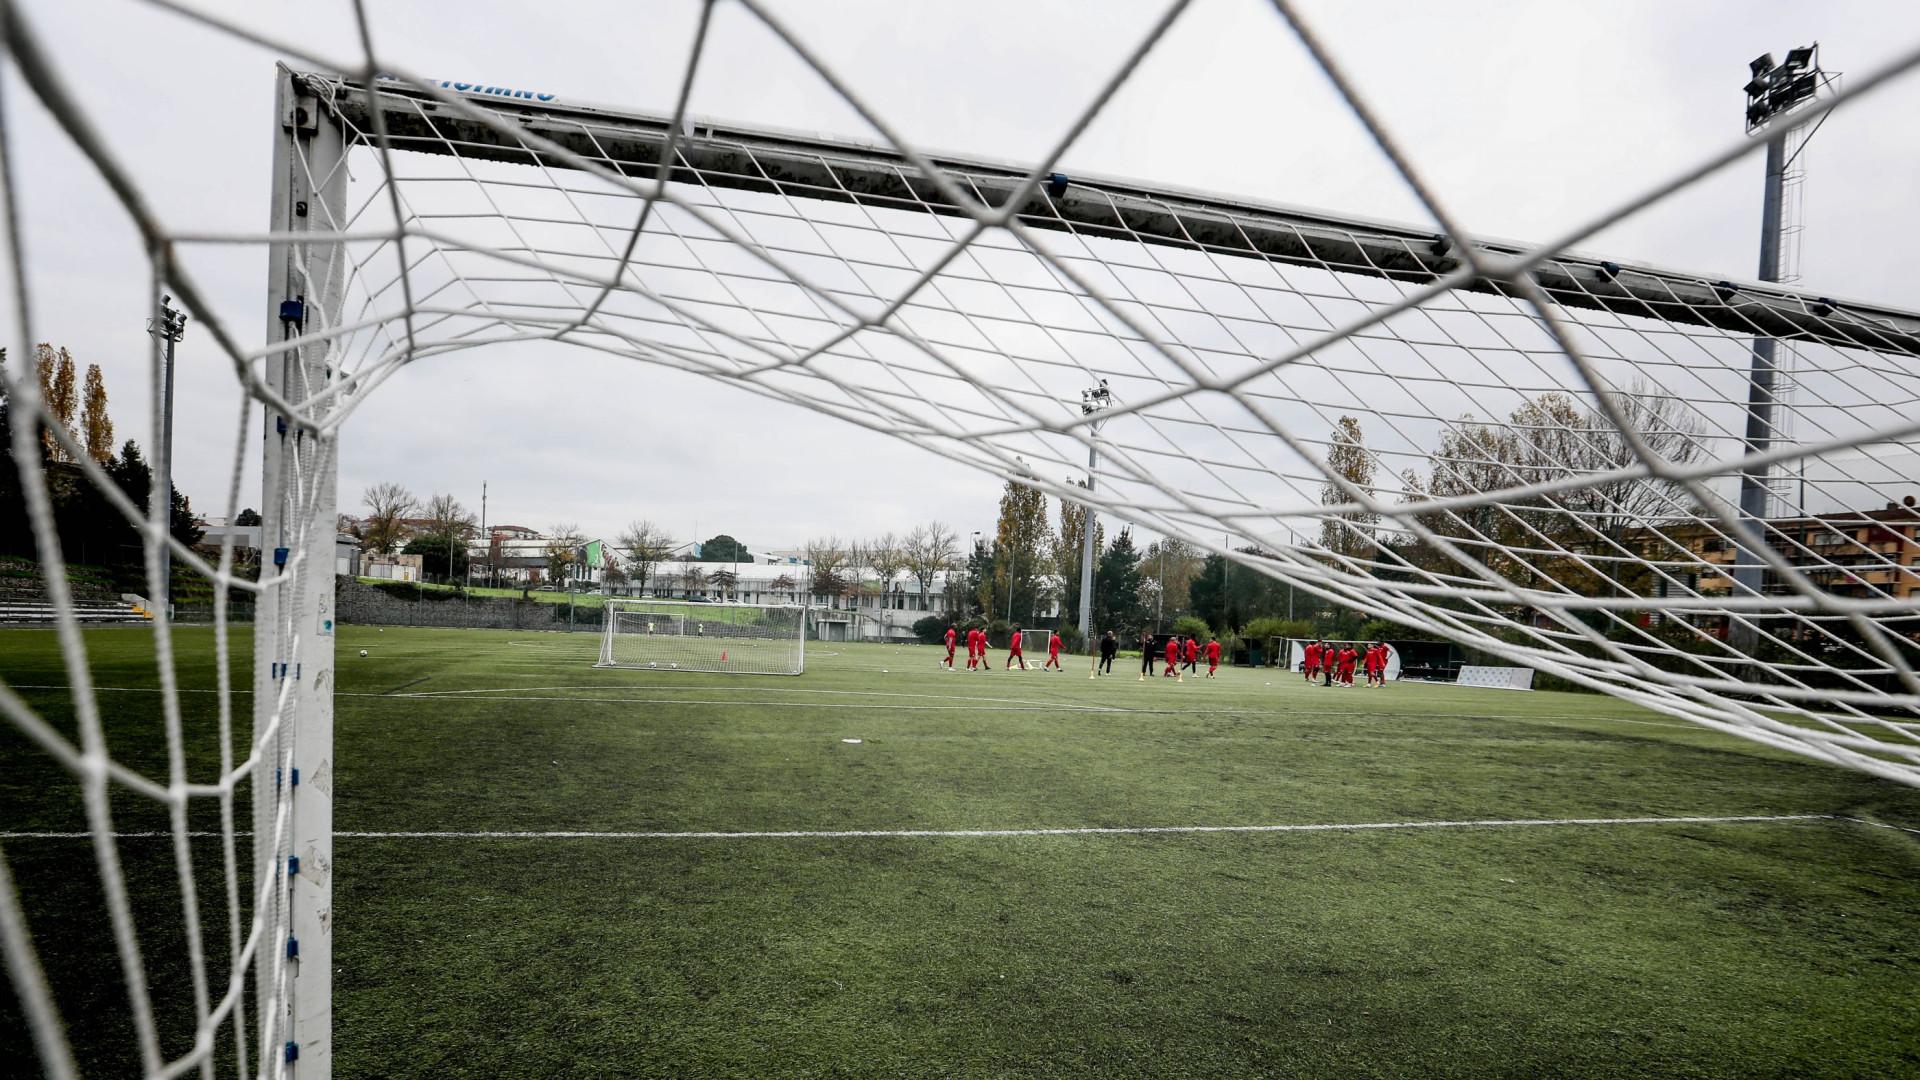 Salgueiros comemora 107 anos e recebe um estádio de presente